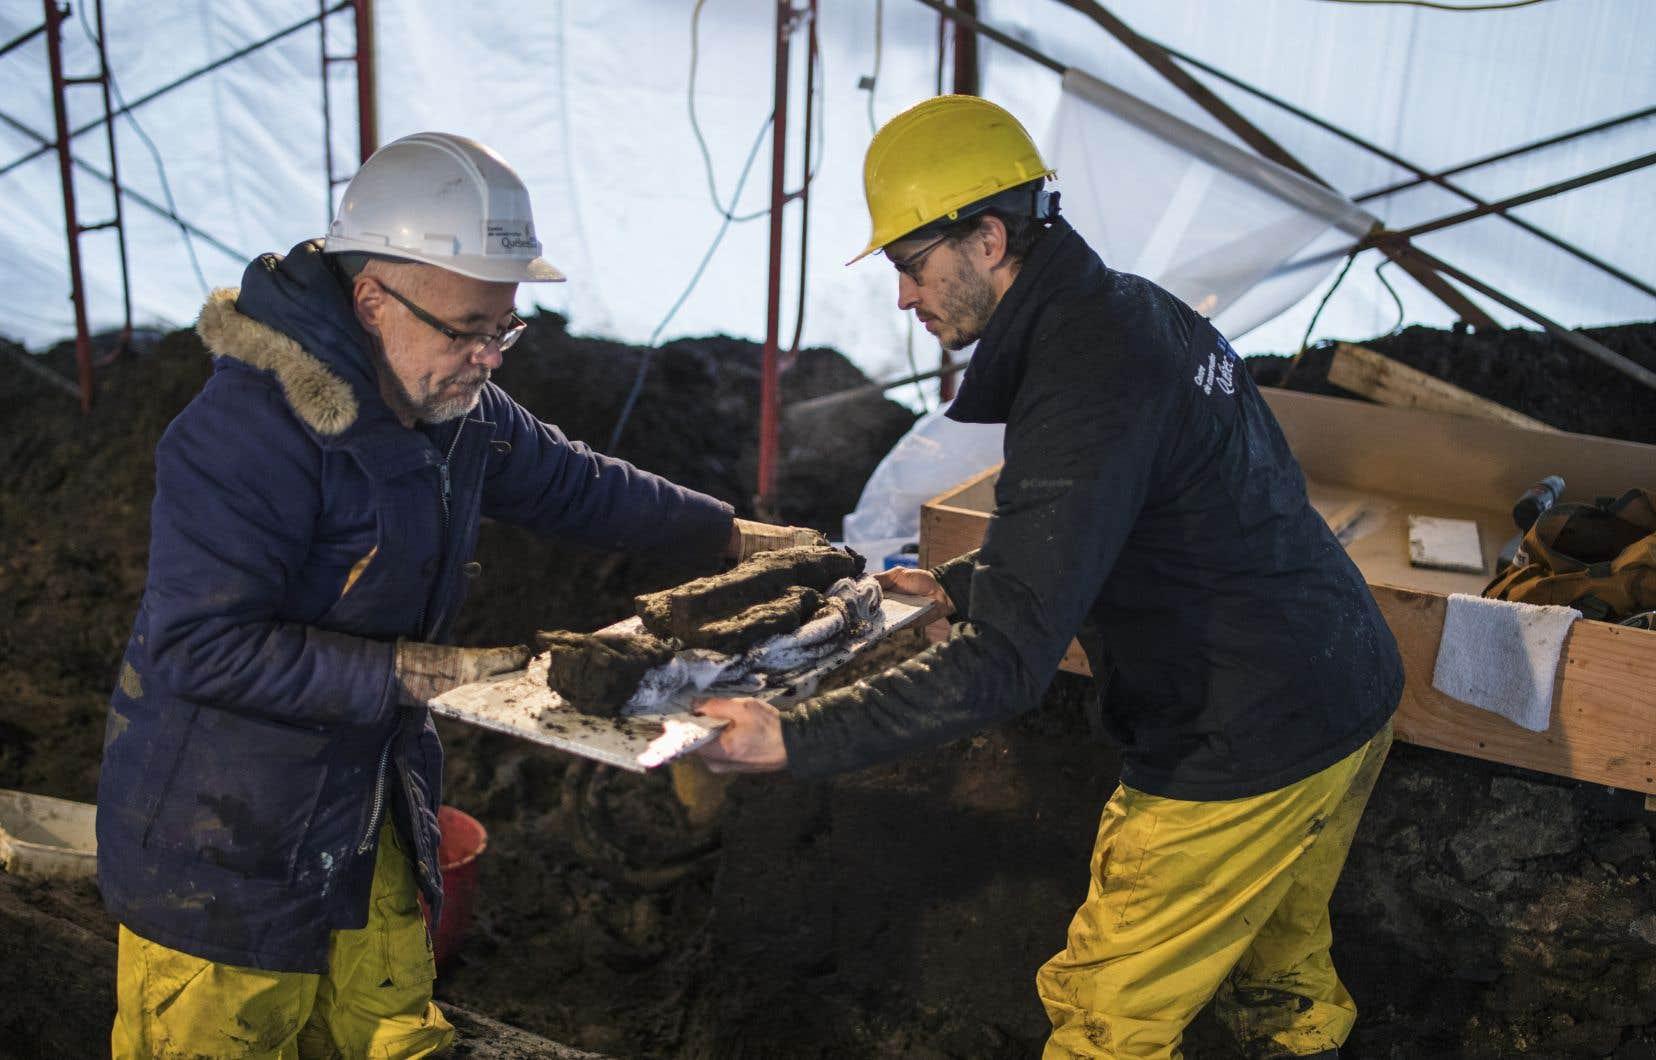 Le démantèlement de la structure de bois est réalisé dans l'urgence pour la mettre à l'abri avant l'hiver.